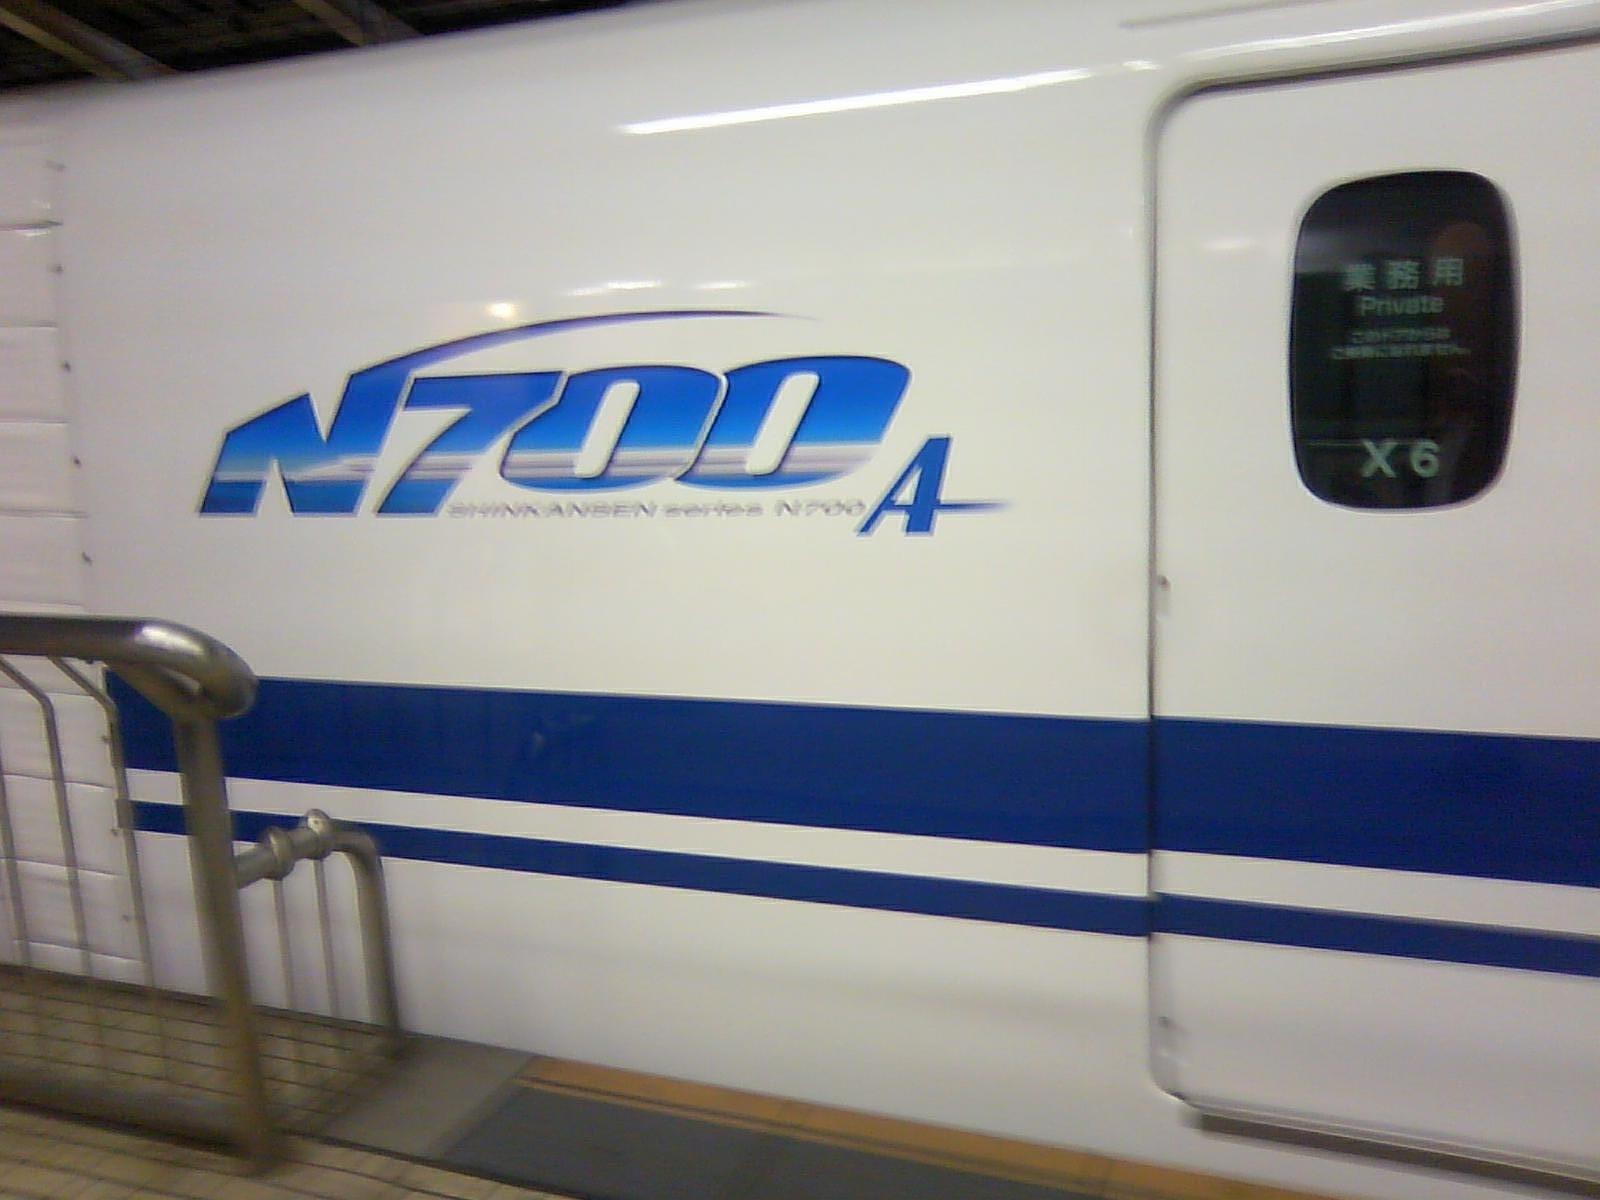 新幹線形式称号N700小さいA